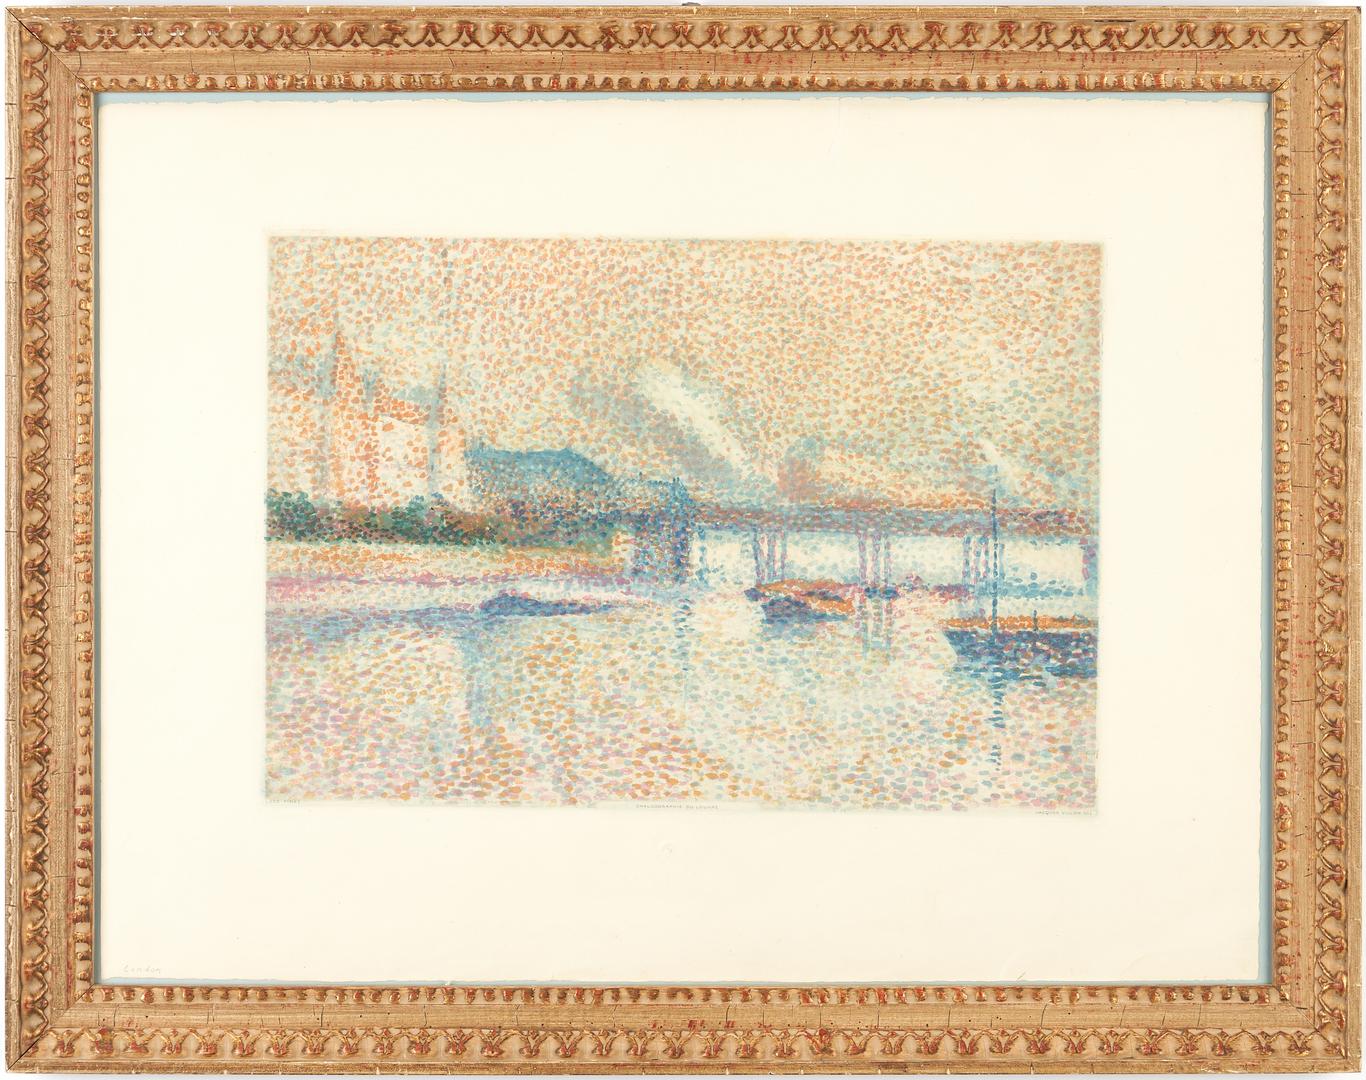 Lot 880: J. Villon after Maximilien Luce, Londres, Aquatint of London